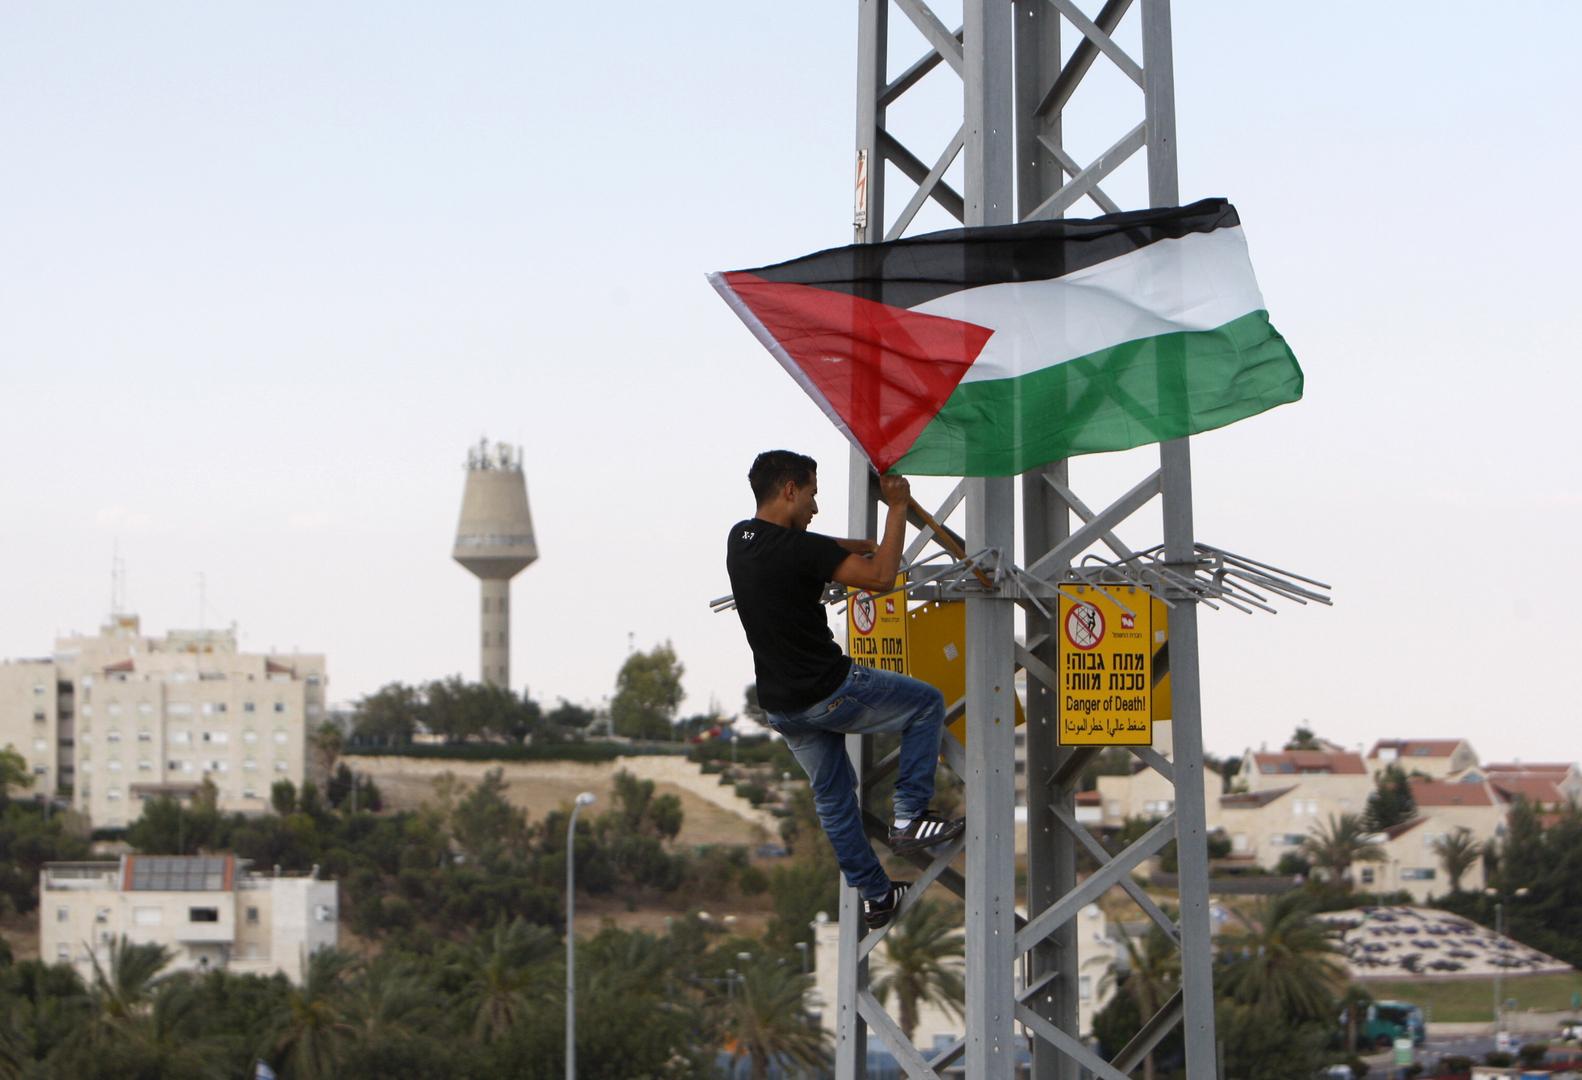 السلطة الفلسطينية تدعو العالم للوقوف ضد قرار إسرائيل وقف تسليم جثمان منفذي العمليات